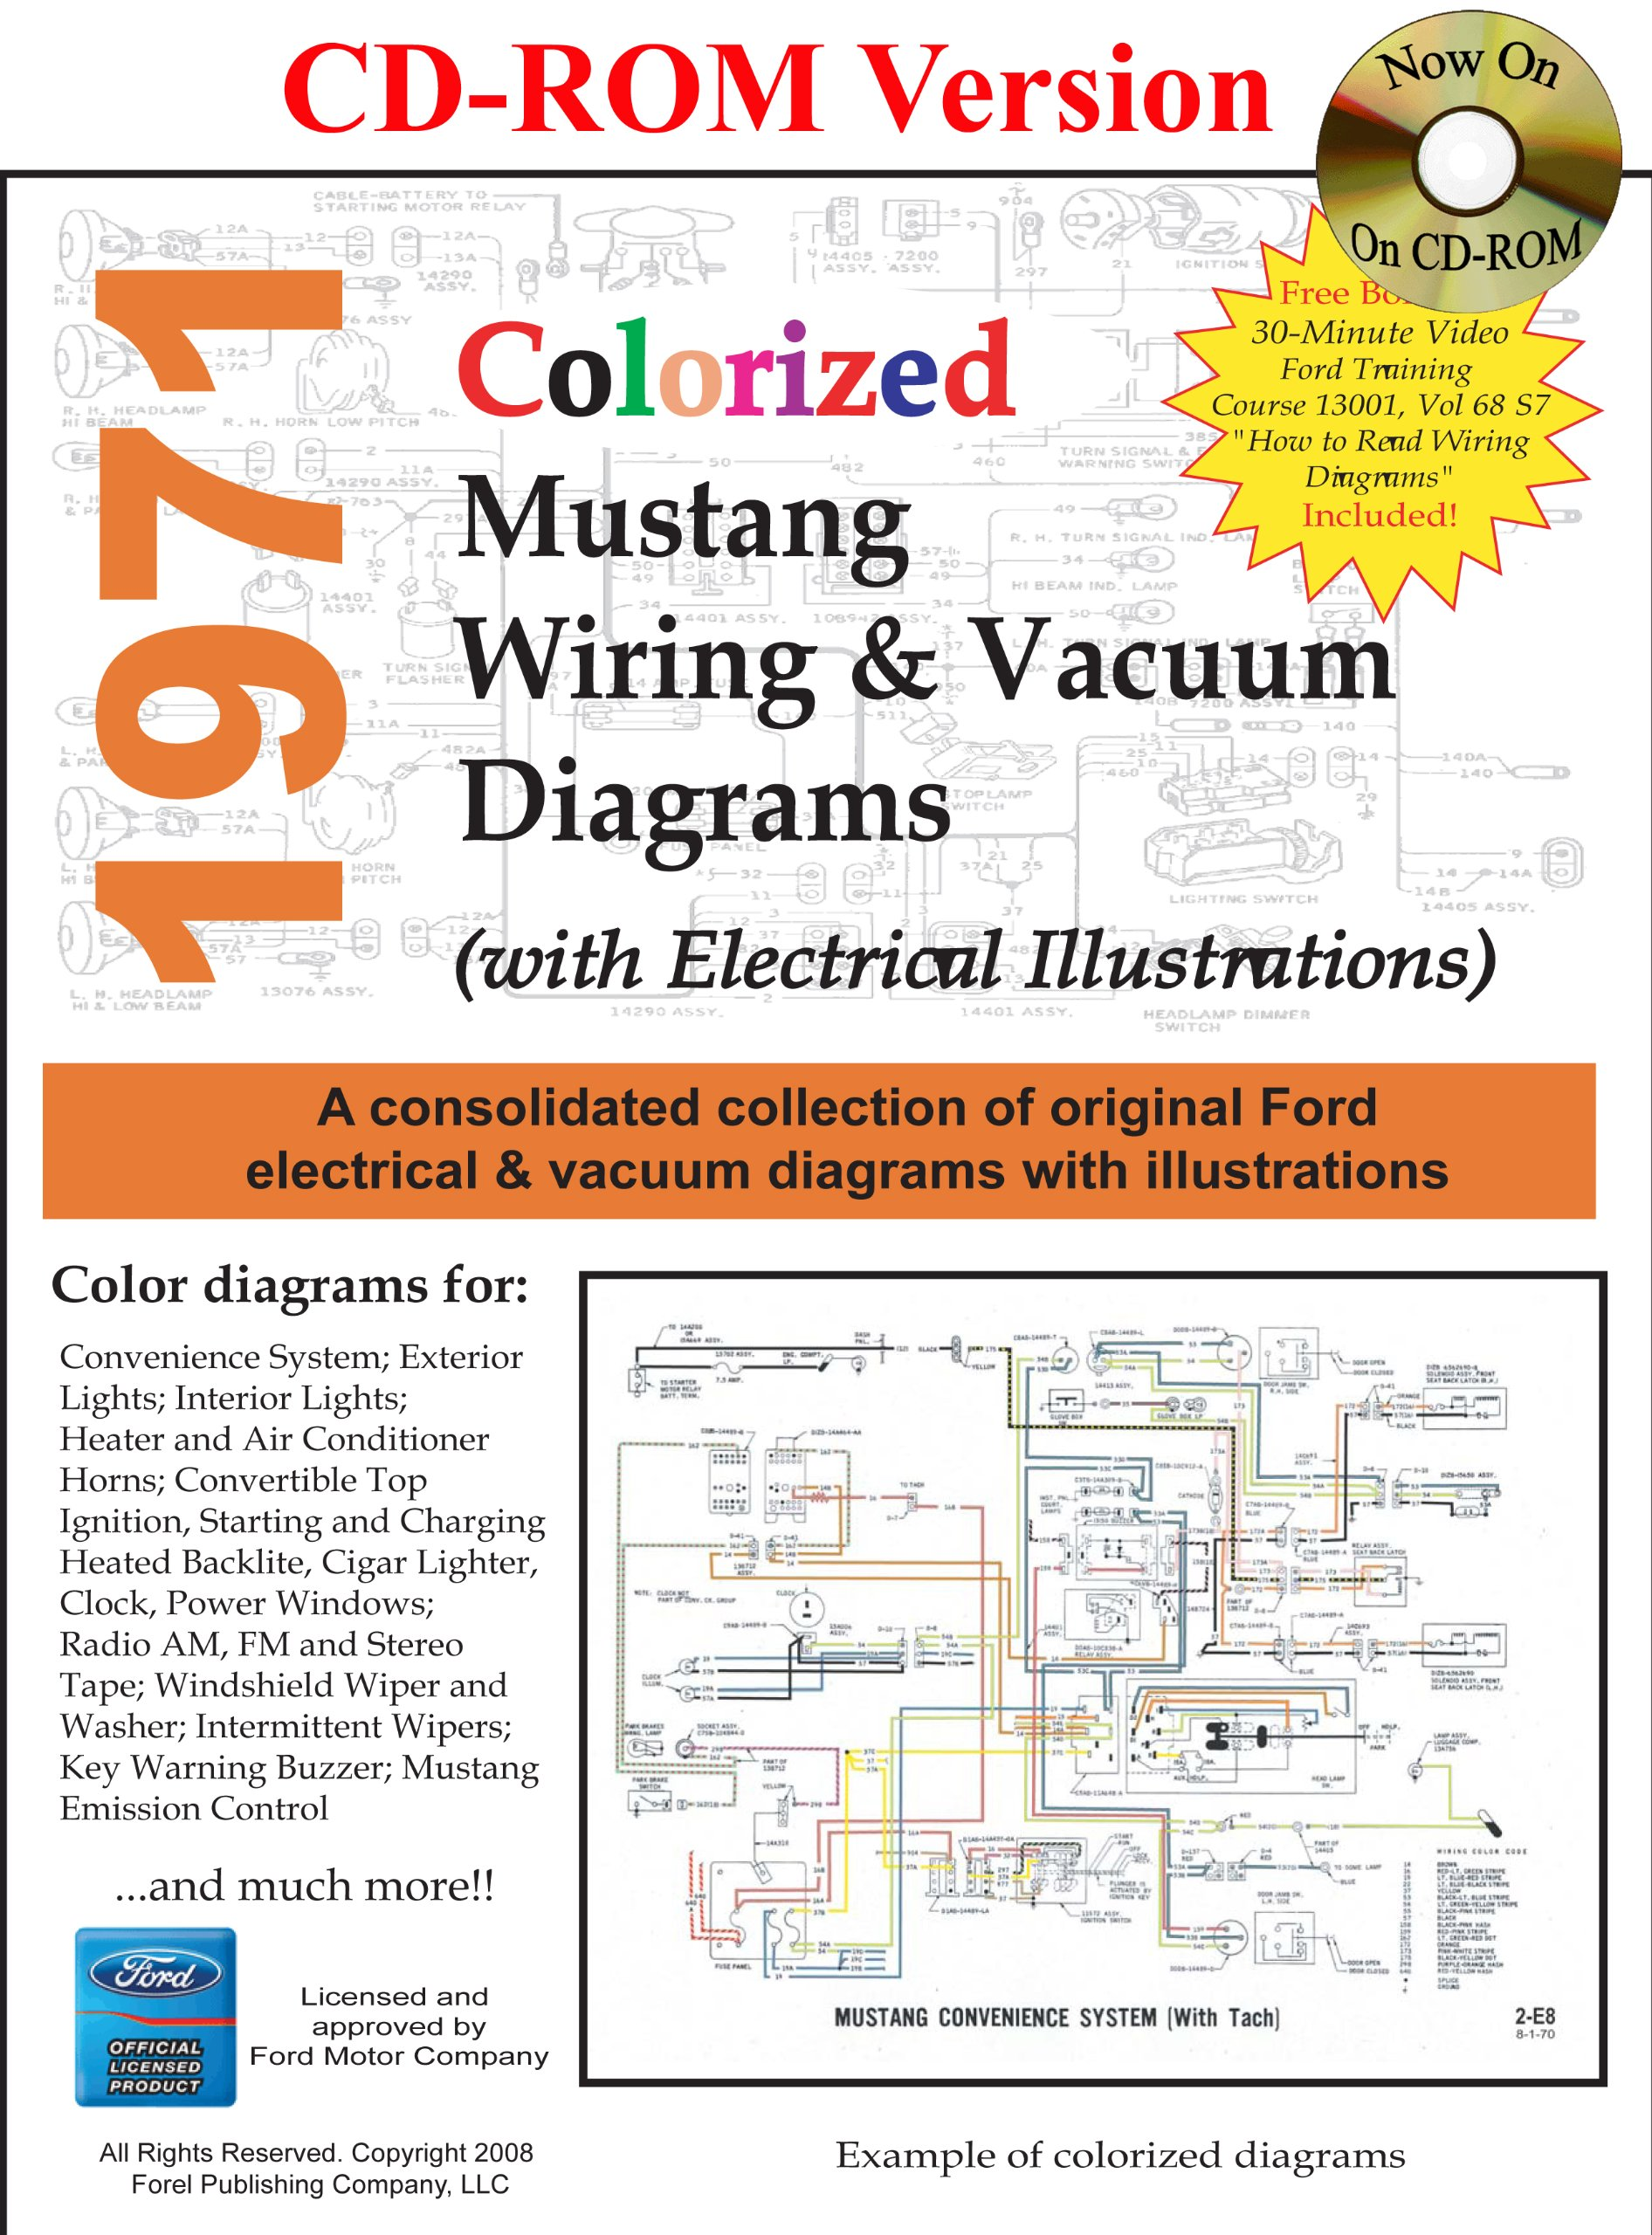 1971 colorized mustang wiring & vacuum diagrams: david e. leblanc, david e.  leblanc: 9781603710305: amazon.com: books  amazon.com